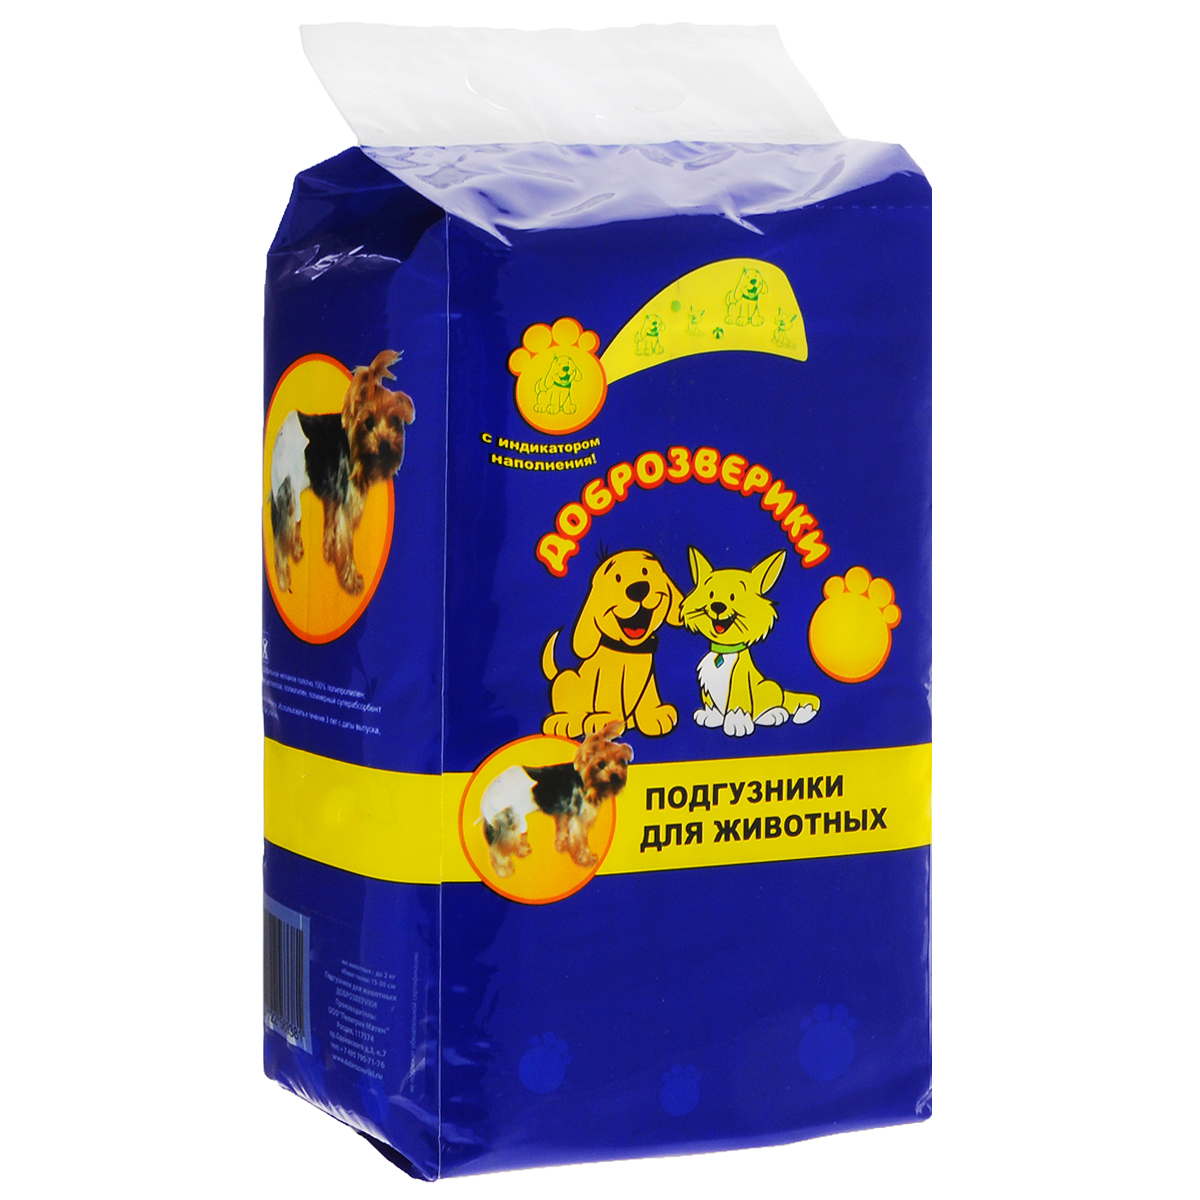 Подгузники для животных  Доброзверики , 16-25 кг. Размер L, 10 шт - Средства для ухода и гигиены